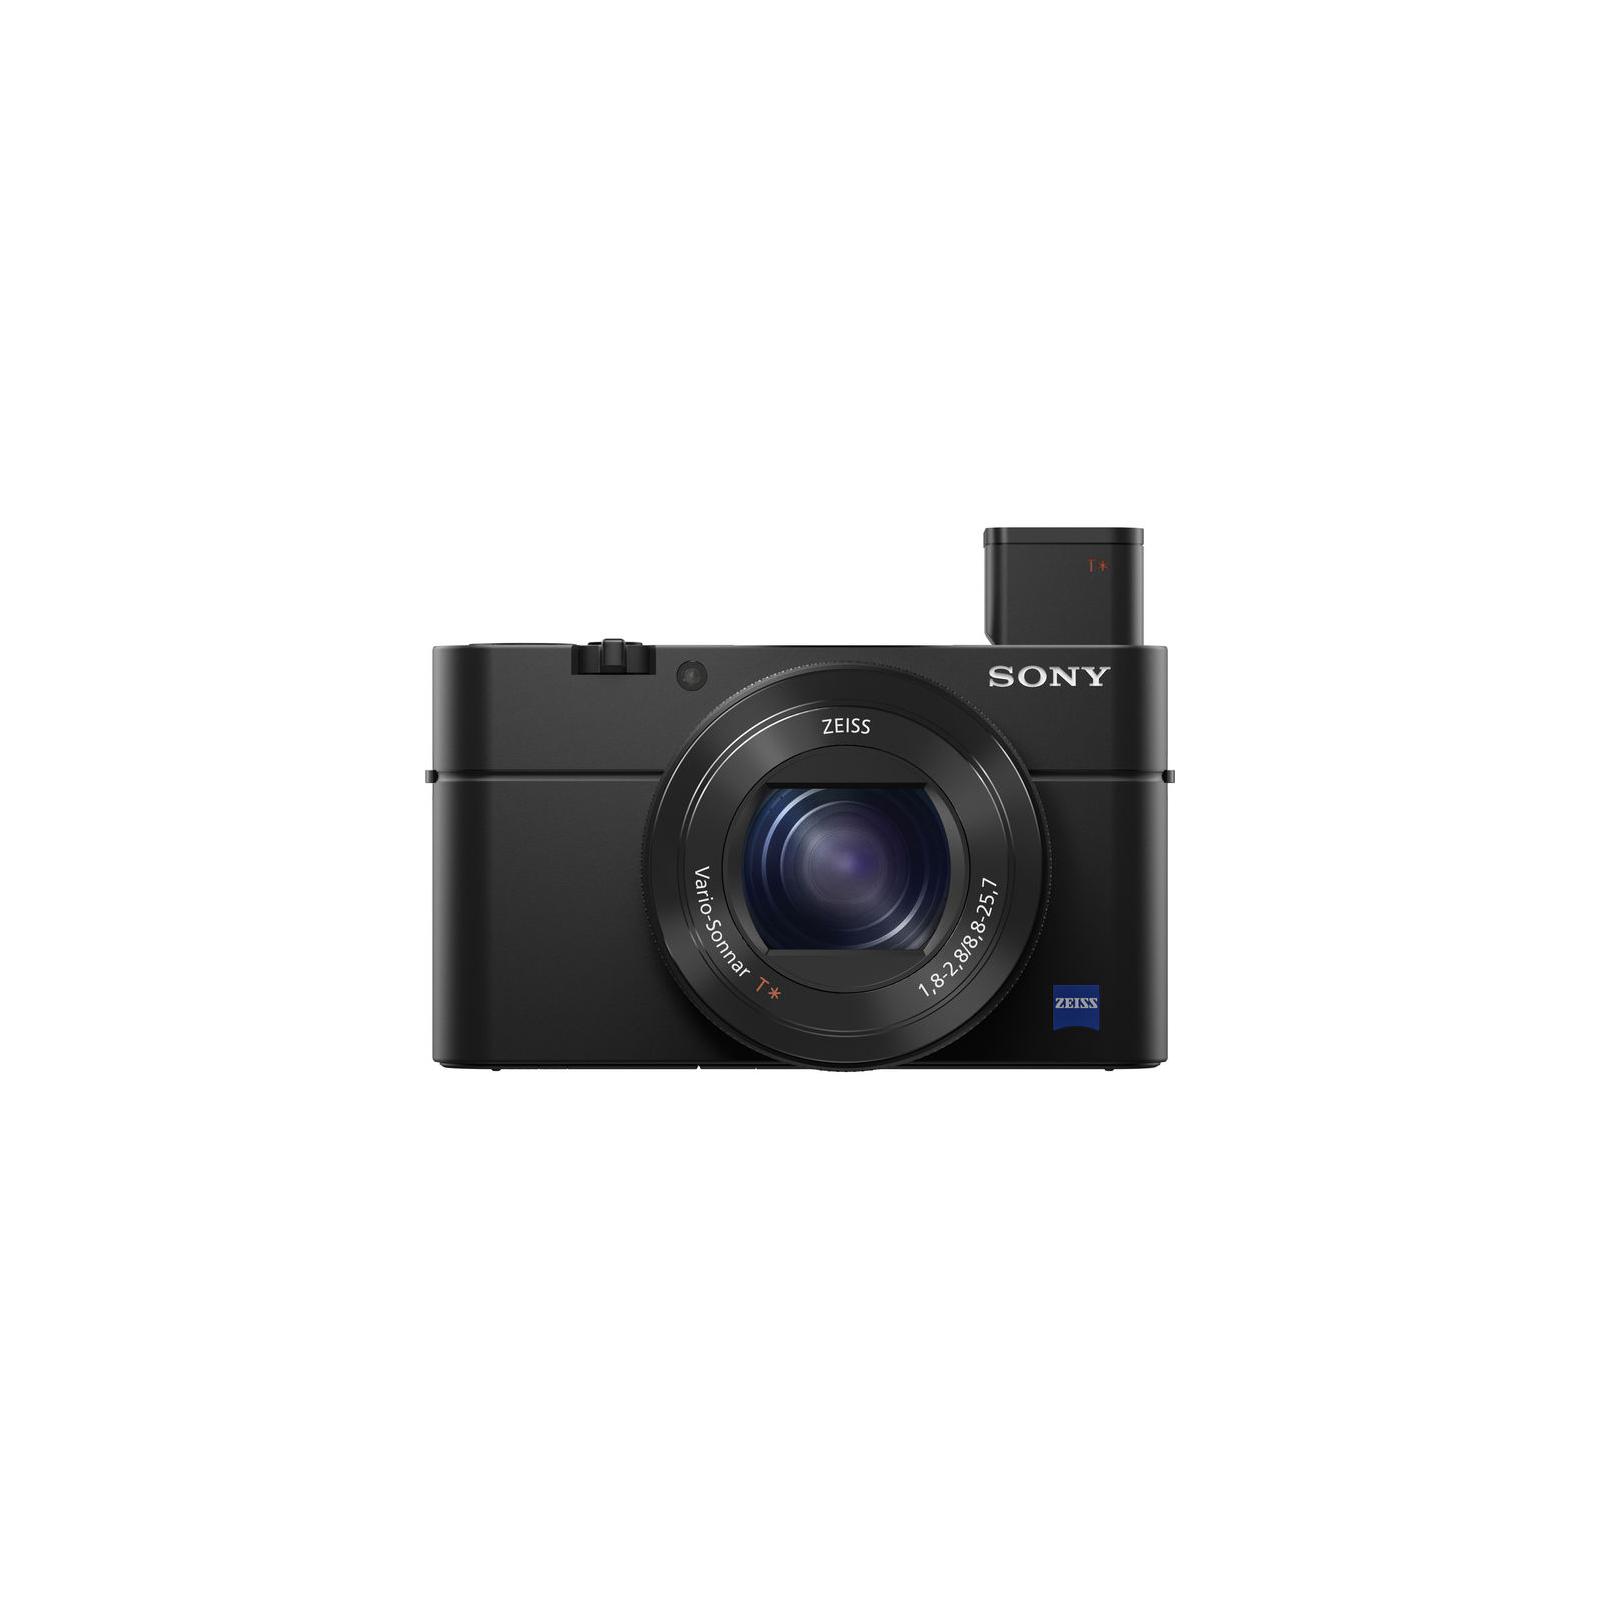 Цифровой фотоаппарат SONY Cyber-Shot RX100 MkIV (DSCRX100M4.RU3) изображение 11